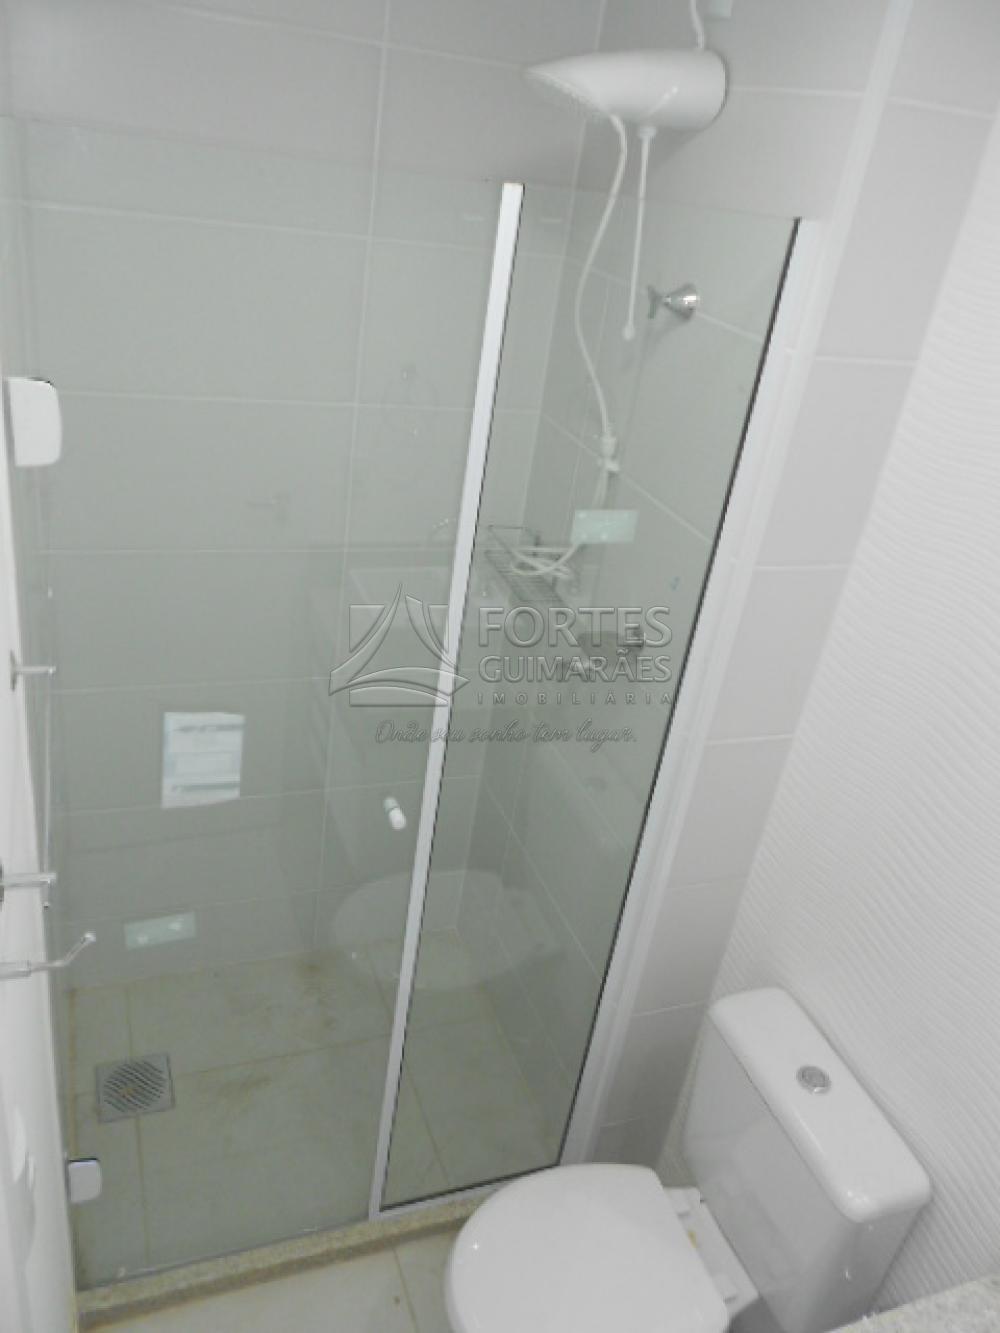 Alugar Apartamentos / Padrão em Ribeirão Preto apenas R$ 1.500,00 - Foto 23